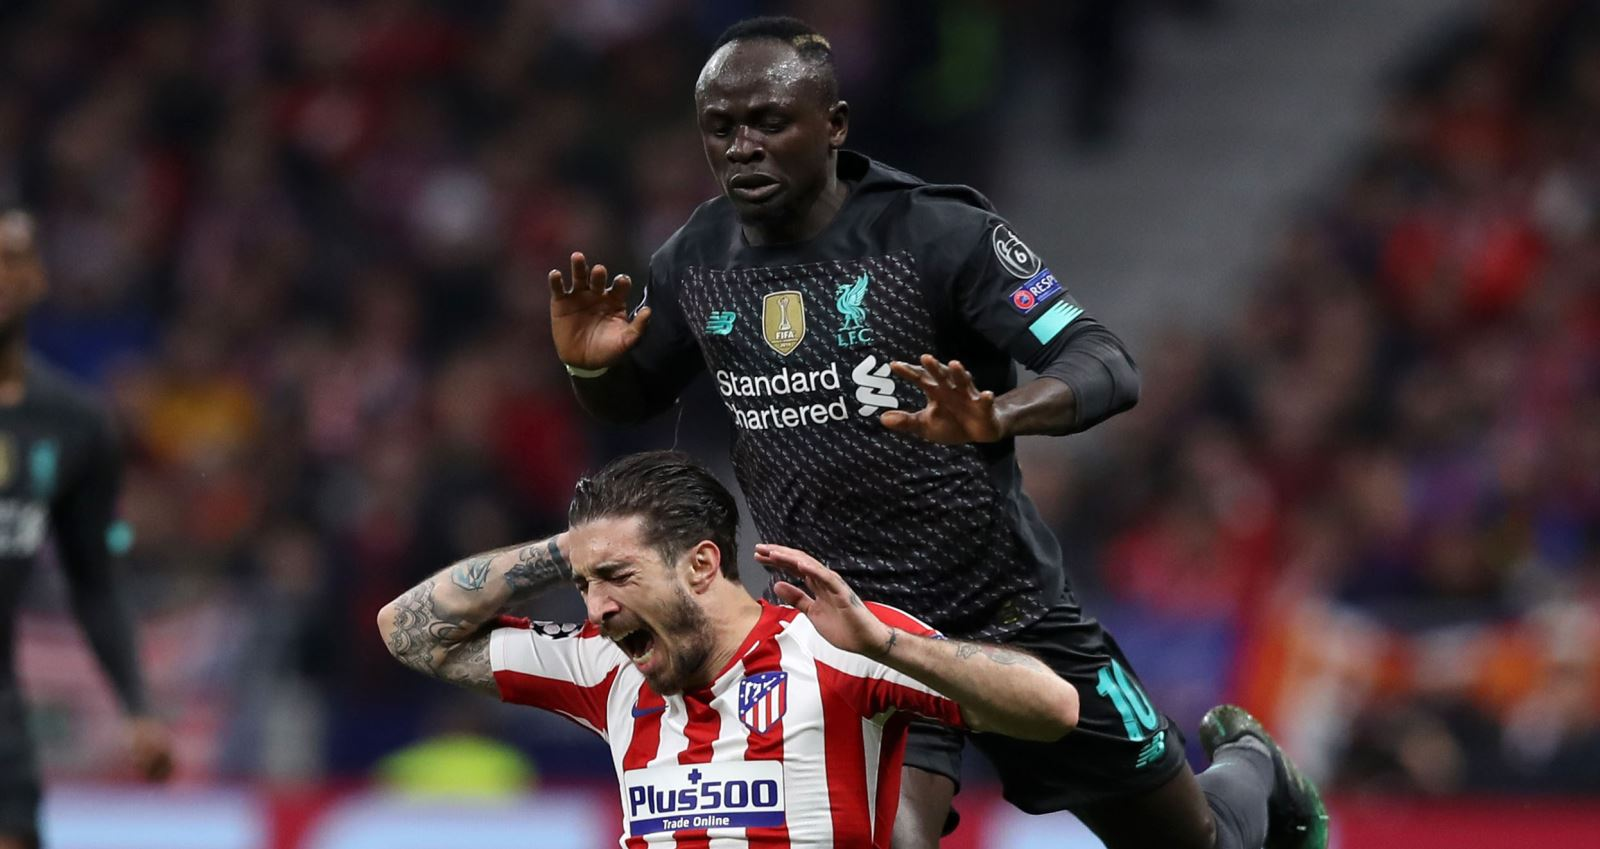 ket qua bong da hôm nay, kết quả bóng đá, Atletico 1-0 Liverpool, kết quả Cúp C1, kết quả Atletico vs Liverpool, Cúp C1, Champions League, lich thi dau bong da, bóng đá